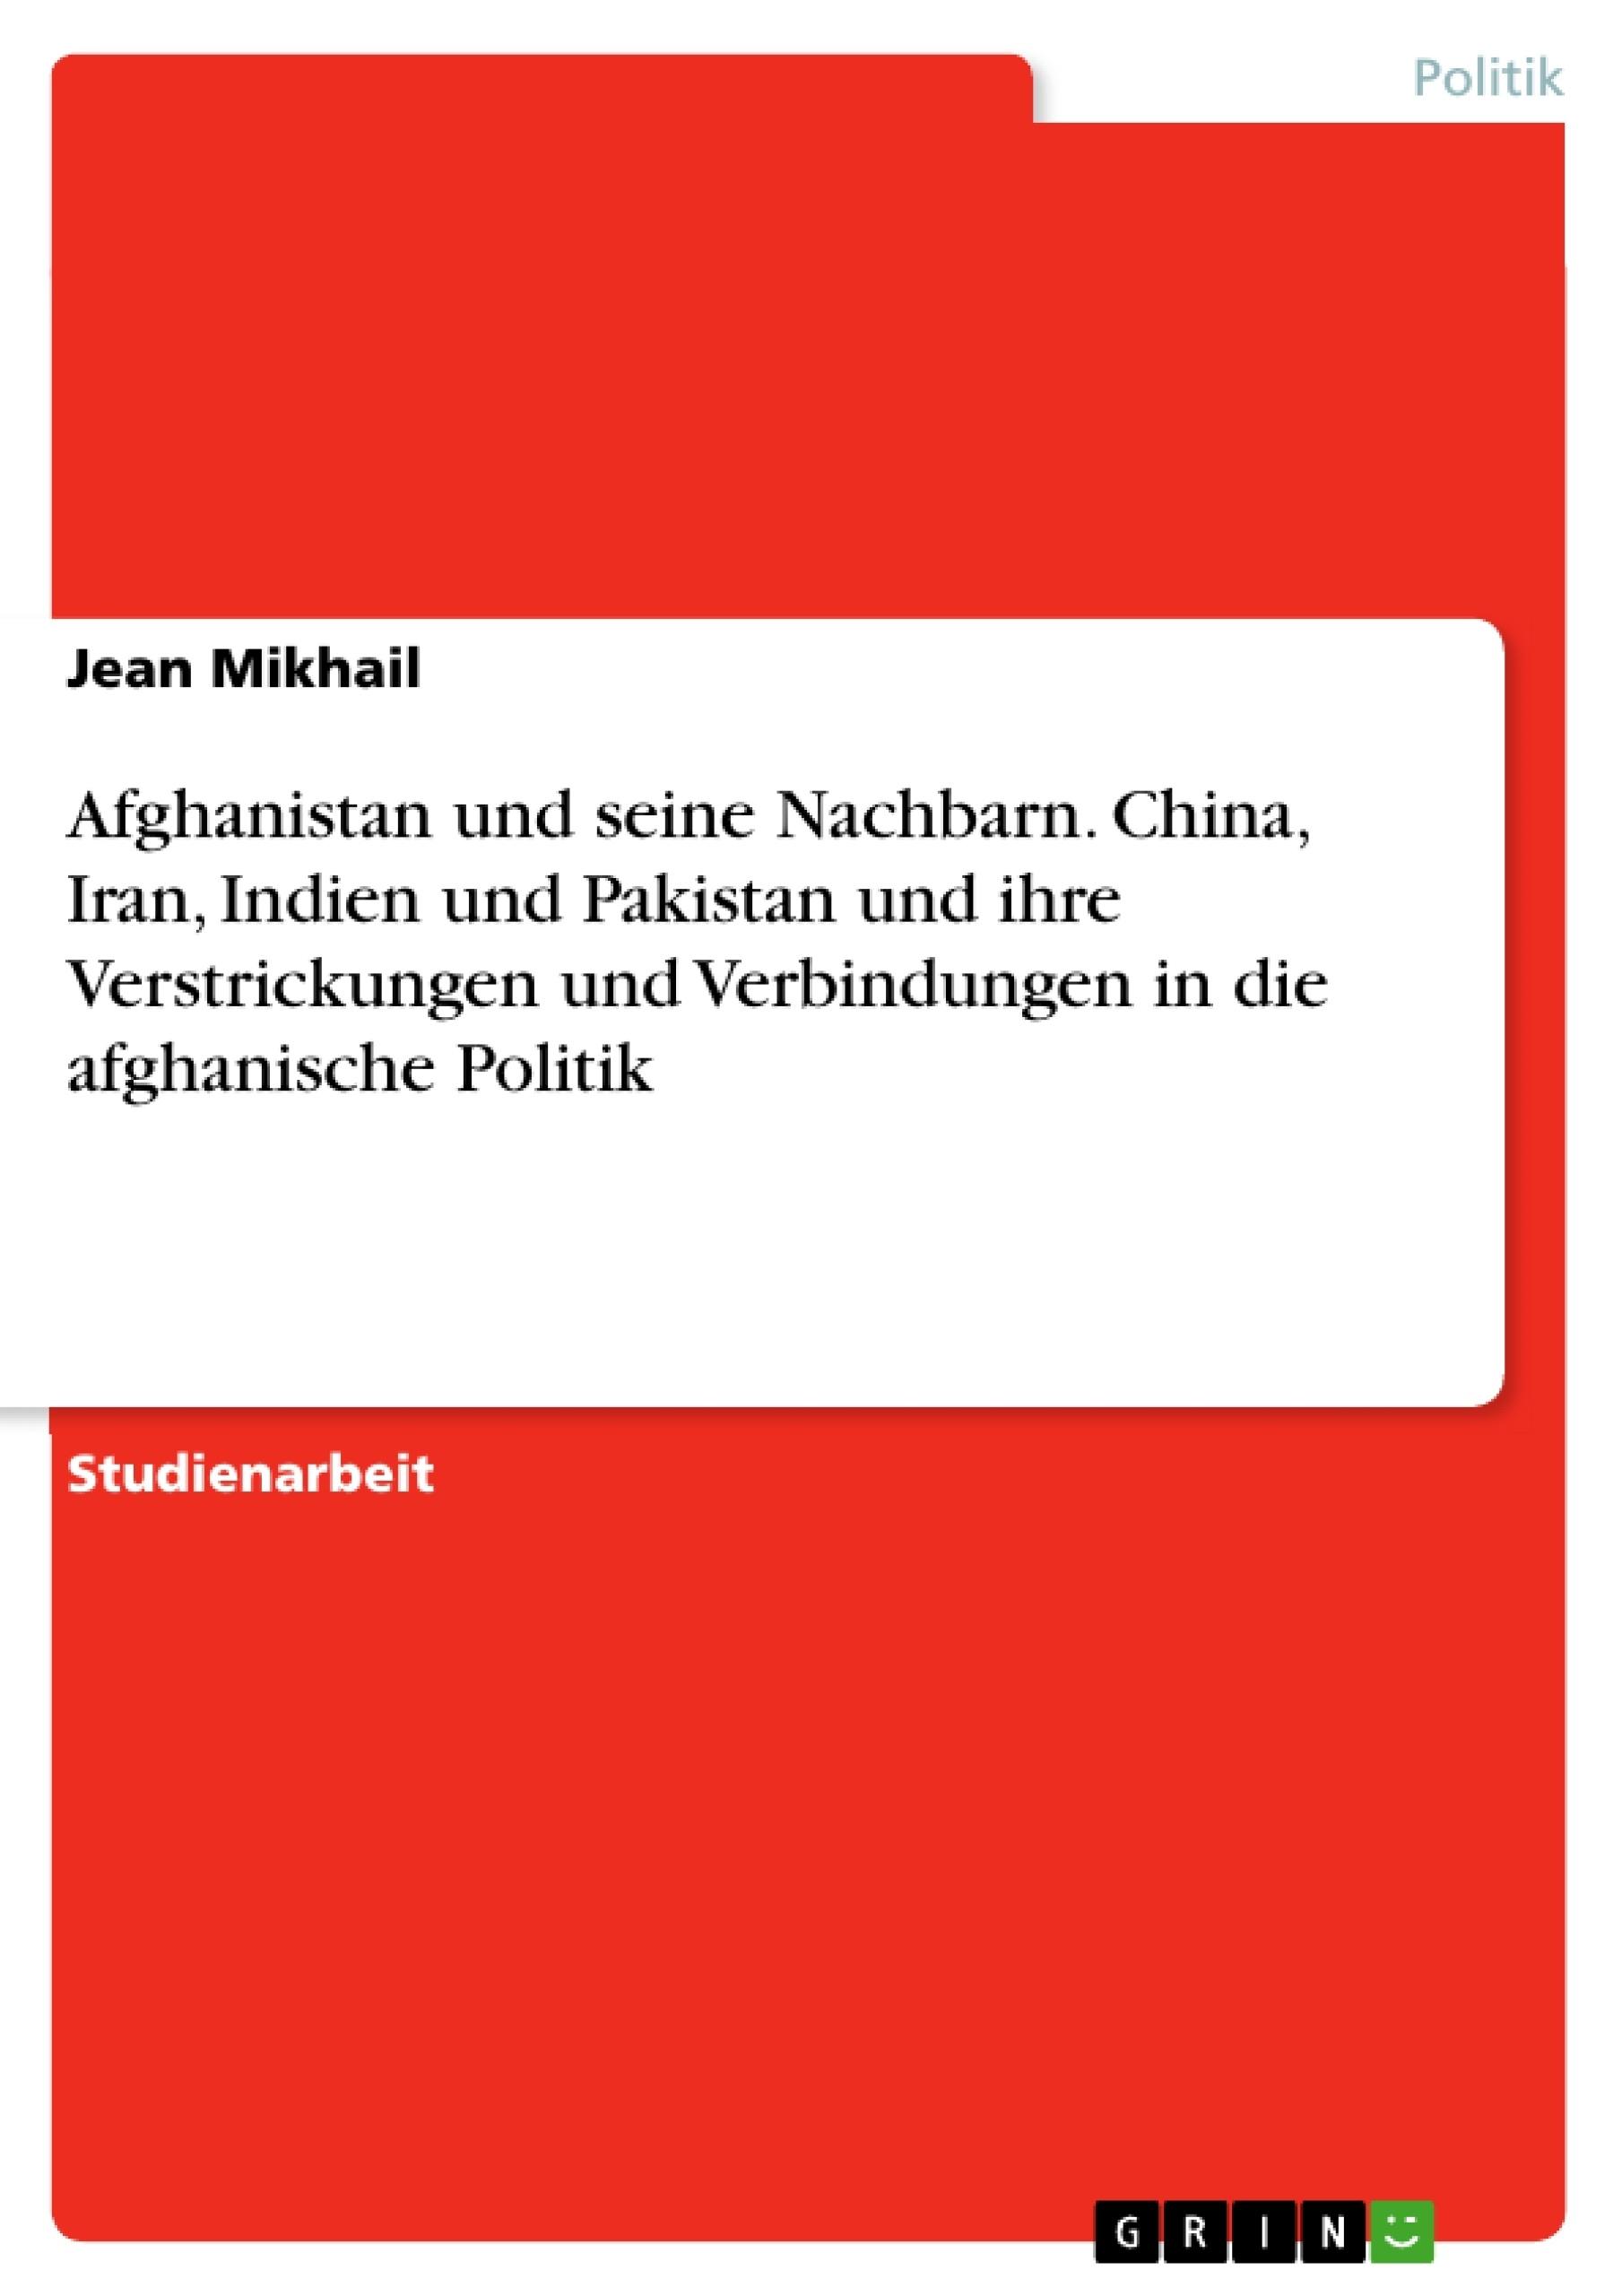 Titel: Afghanistan und seine Nachbarn. China, Iran, Indien und Pakistan und ihre Verstrickungen und Verbindungen in die afghanische Politik